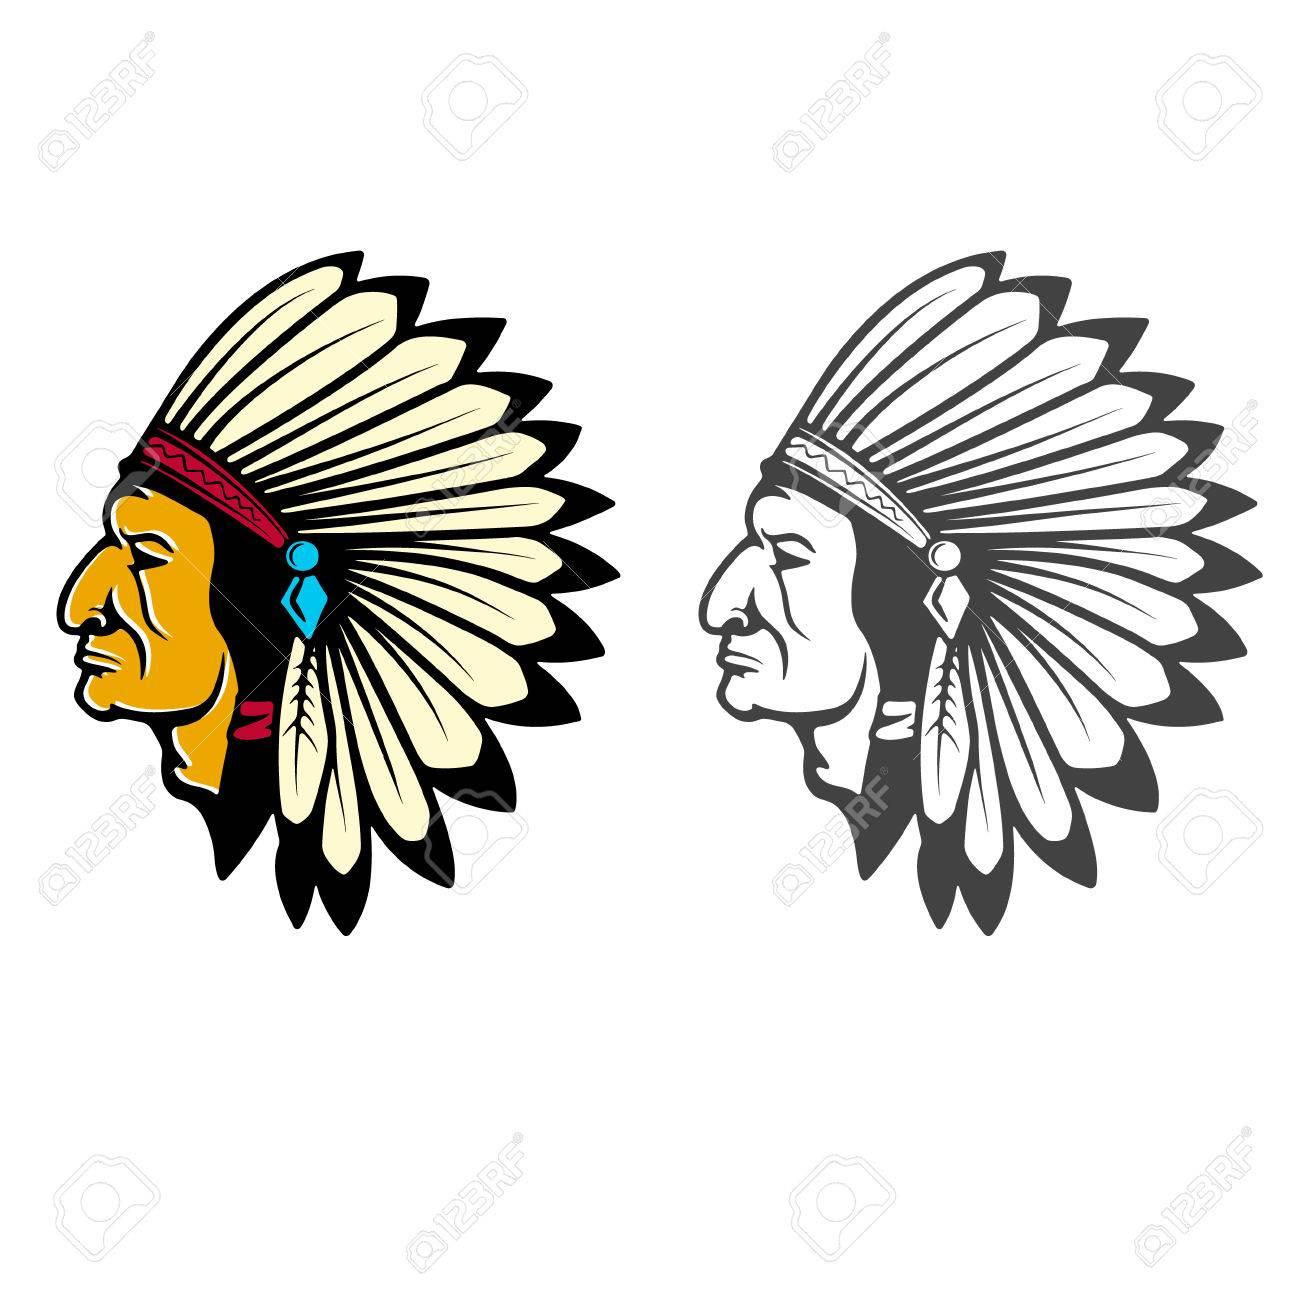 Indian Head Concept Design Element For Logo Label Emblem